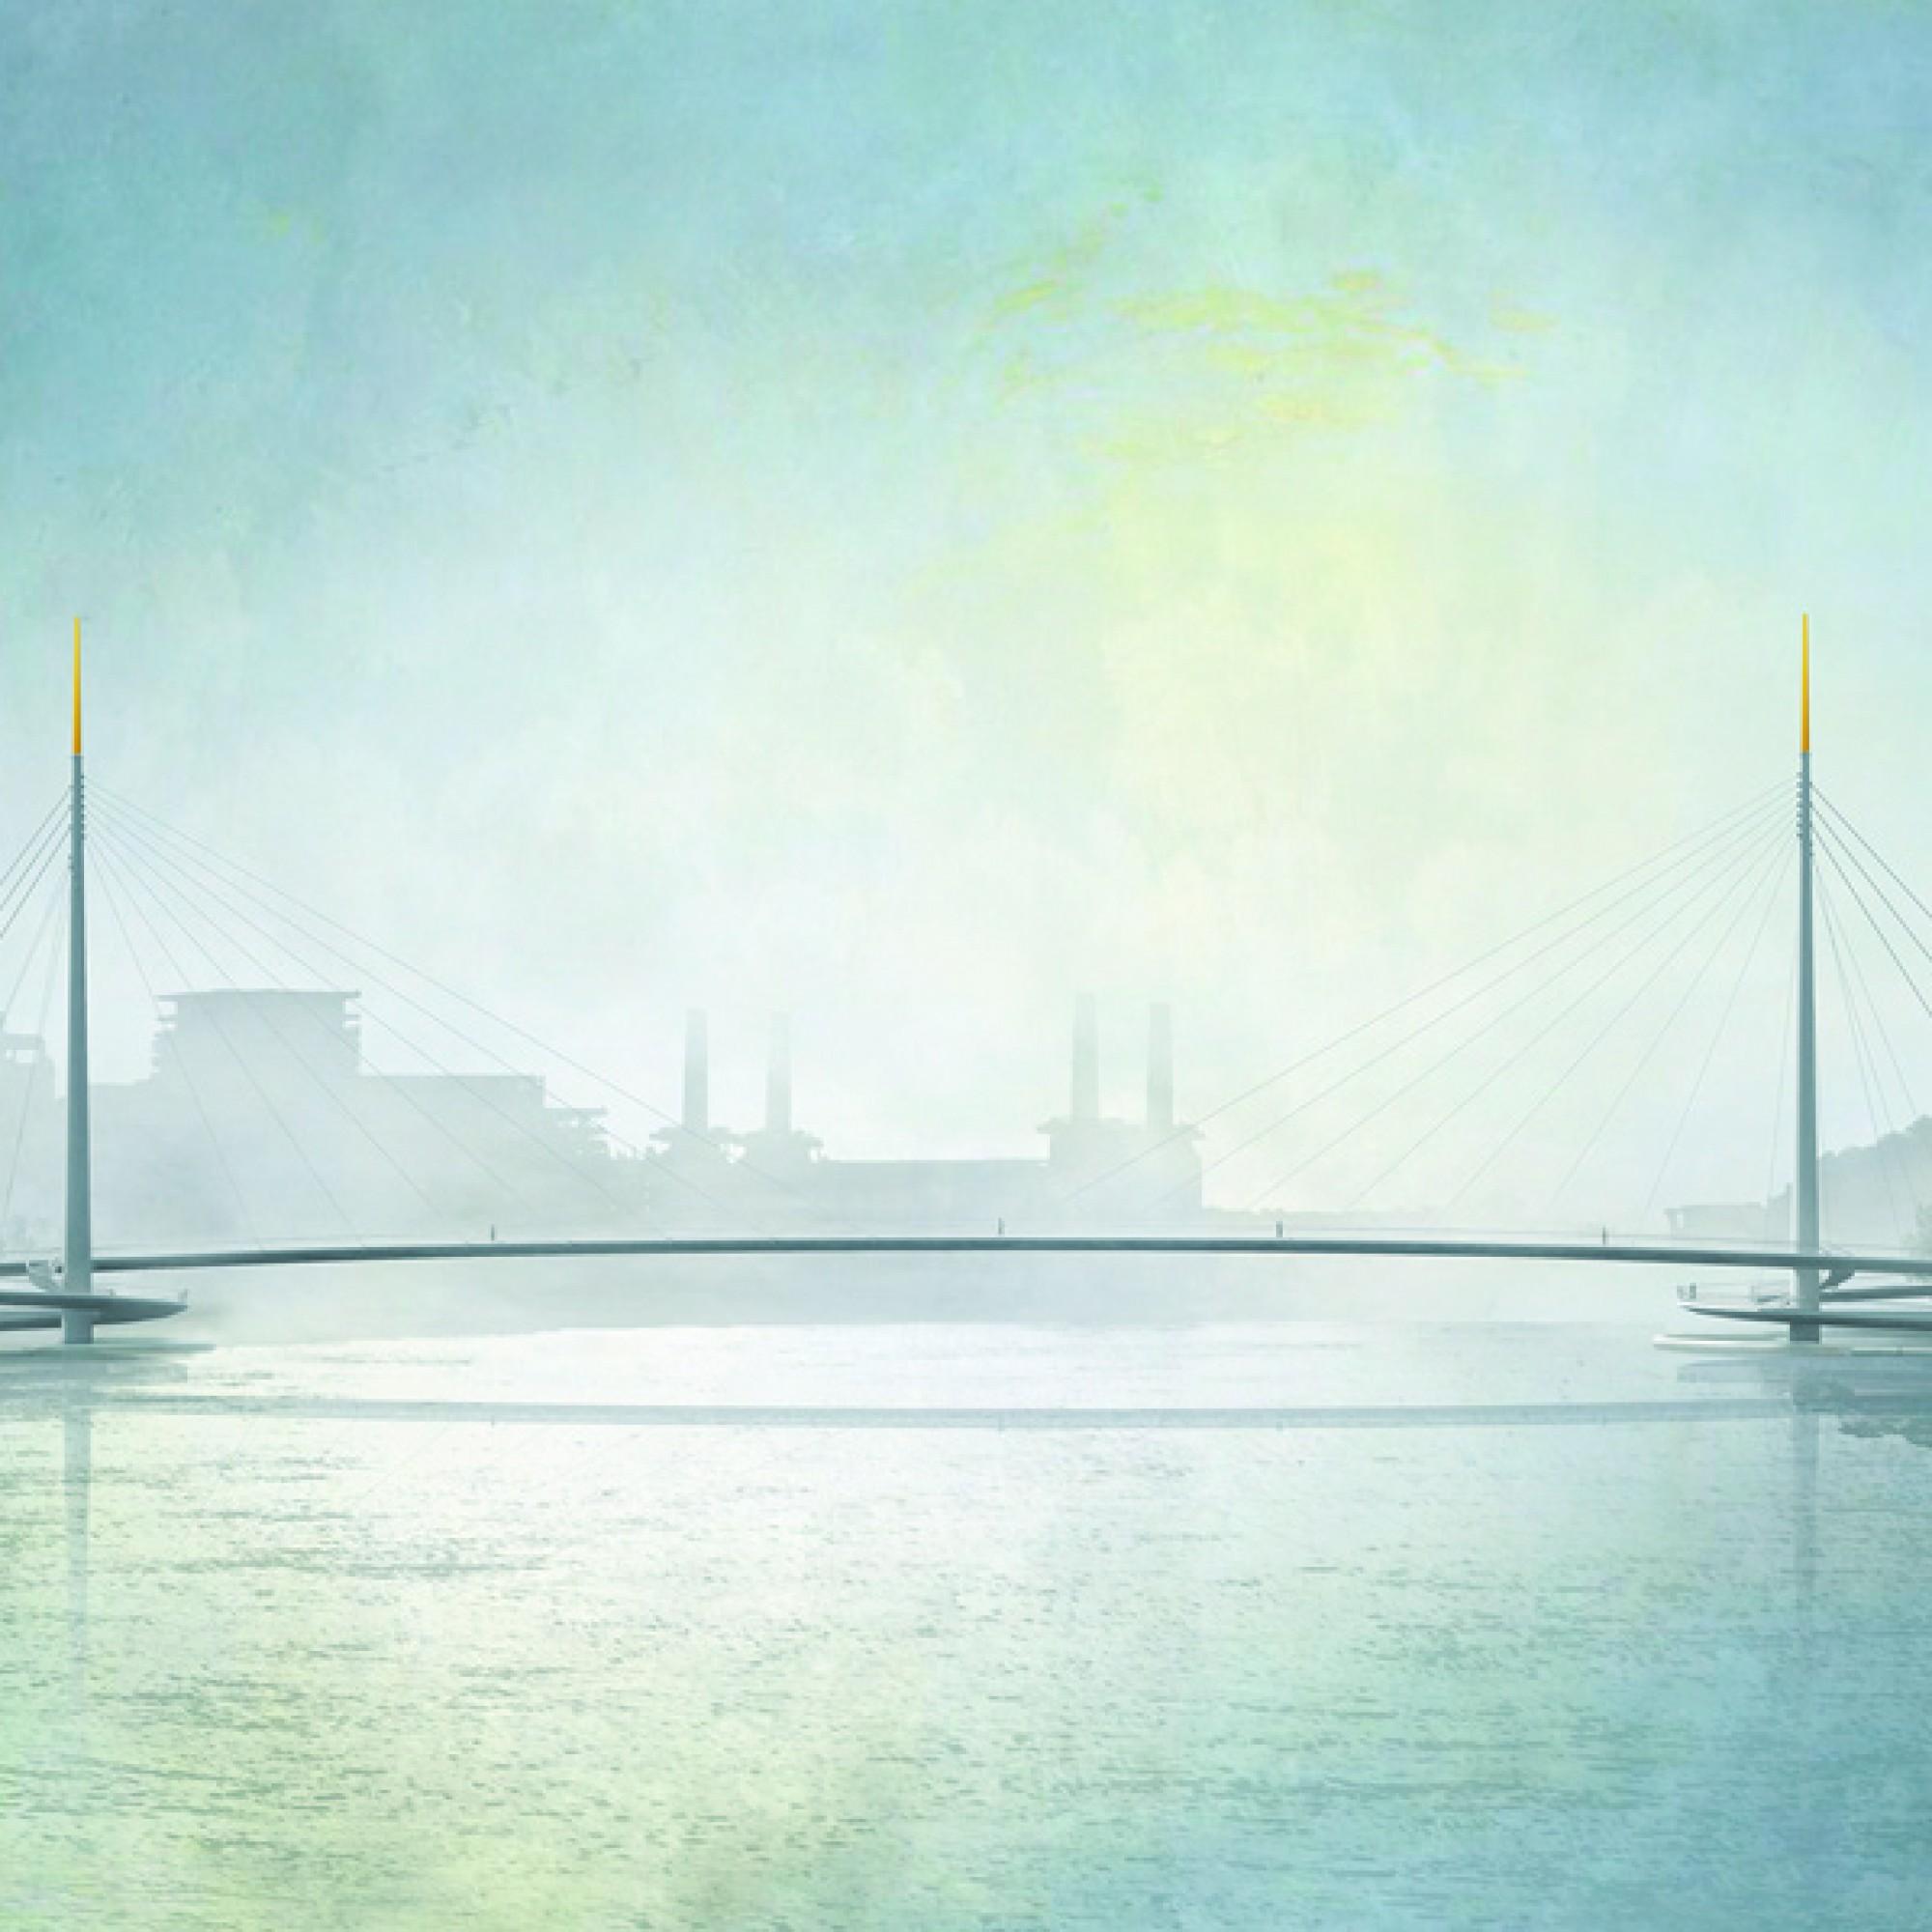 So soll die neue Themse-Brücke dereinst aussehen (Visualisierungen zvg)